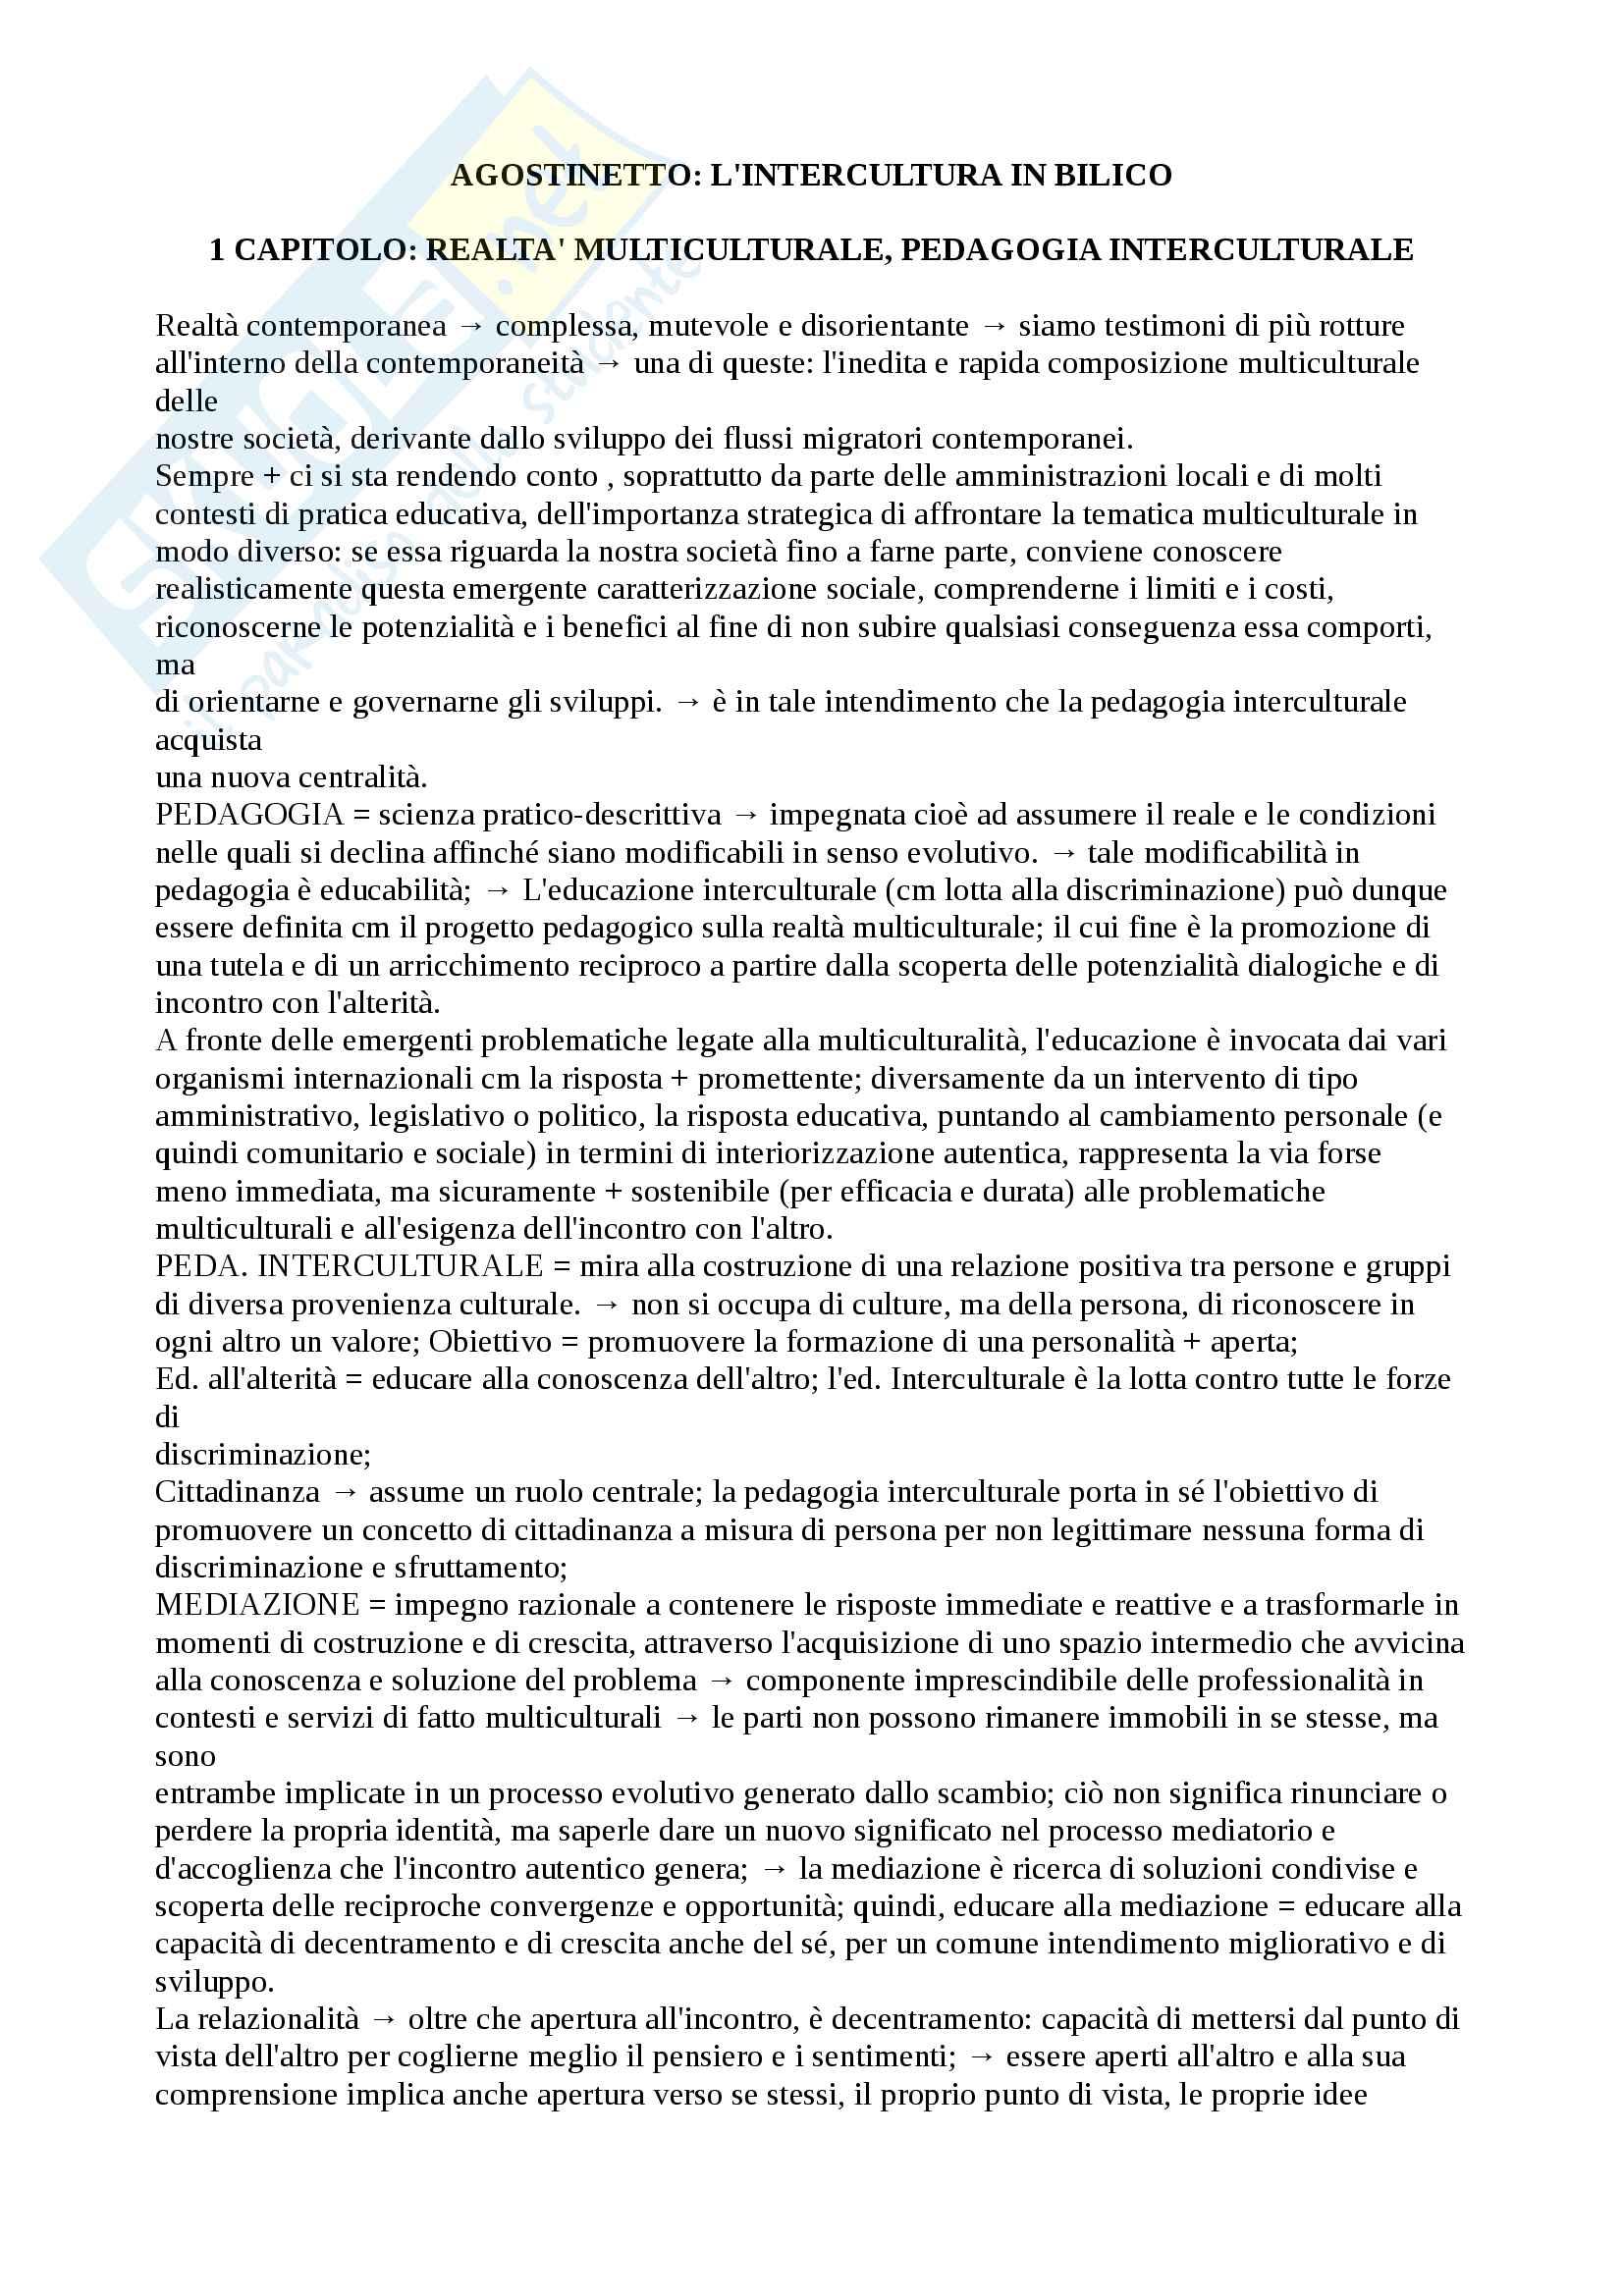 """Riassunto esame pedagogia interculturale, prof. Agostinetto, libro consigliato """"l'intercultura in bilico"""", Agostinetto"""